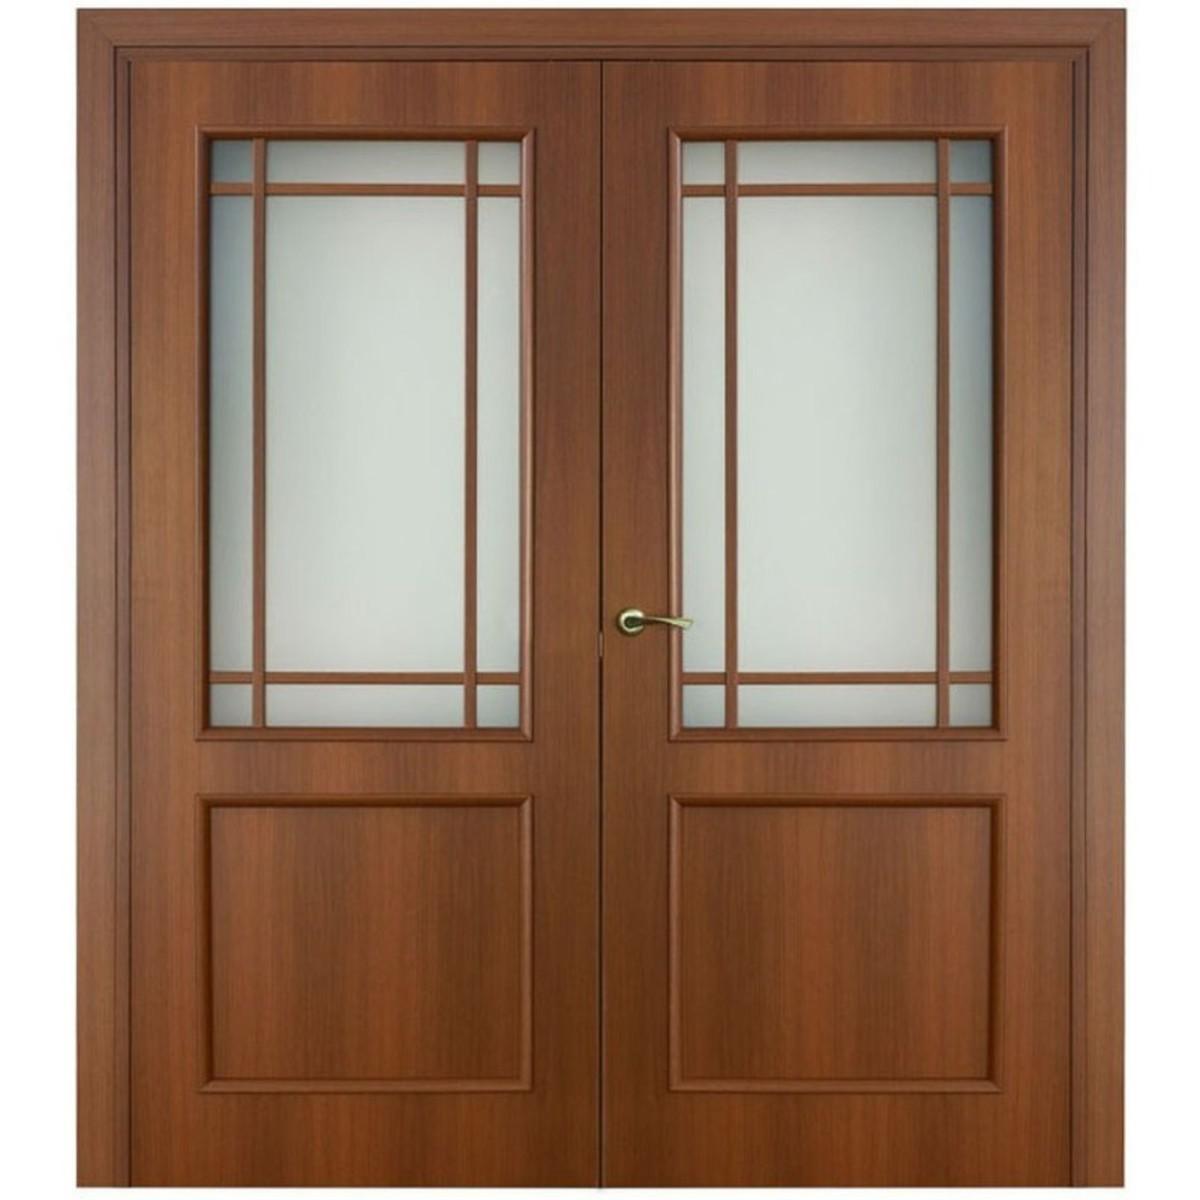 Дверь межкомнатная остеклённая Фортунато 2x60x200 см ламинация цвет орех